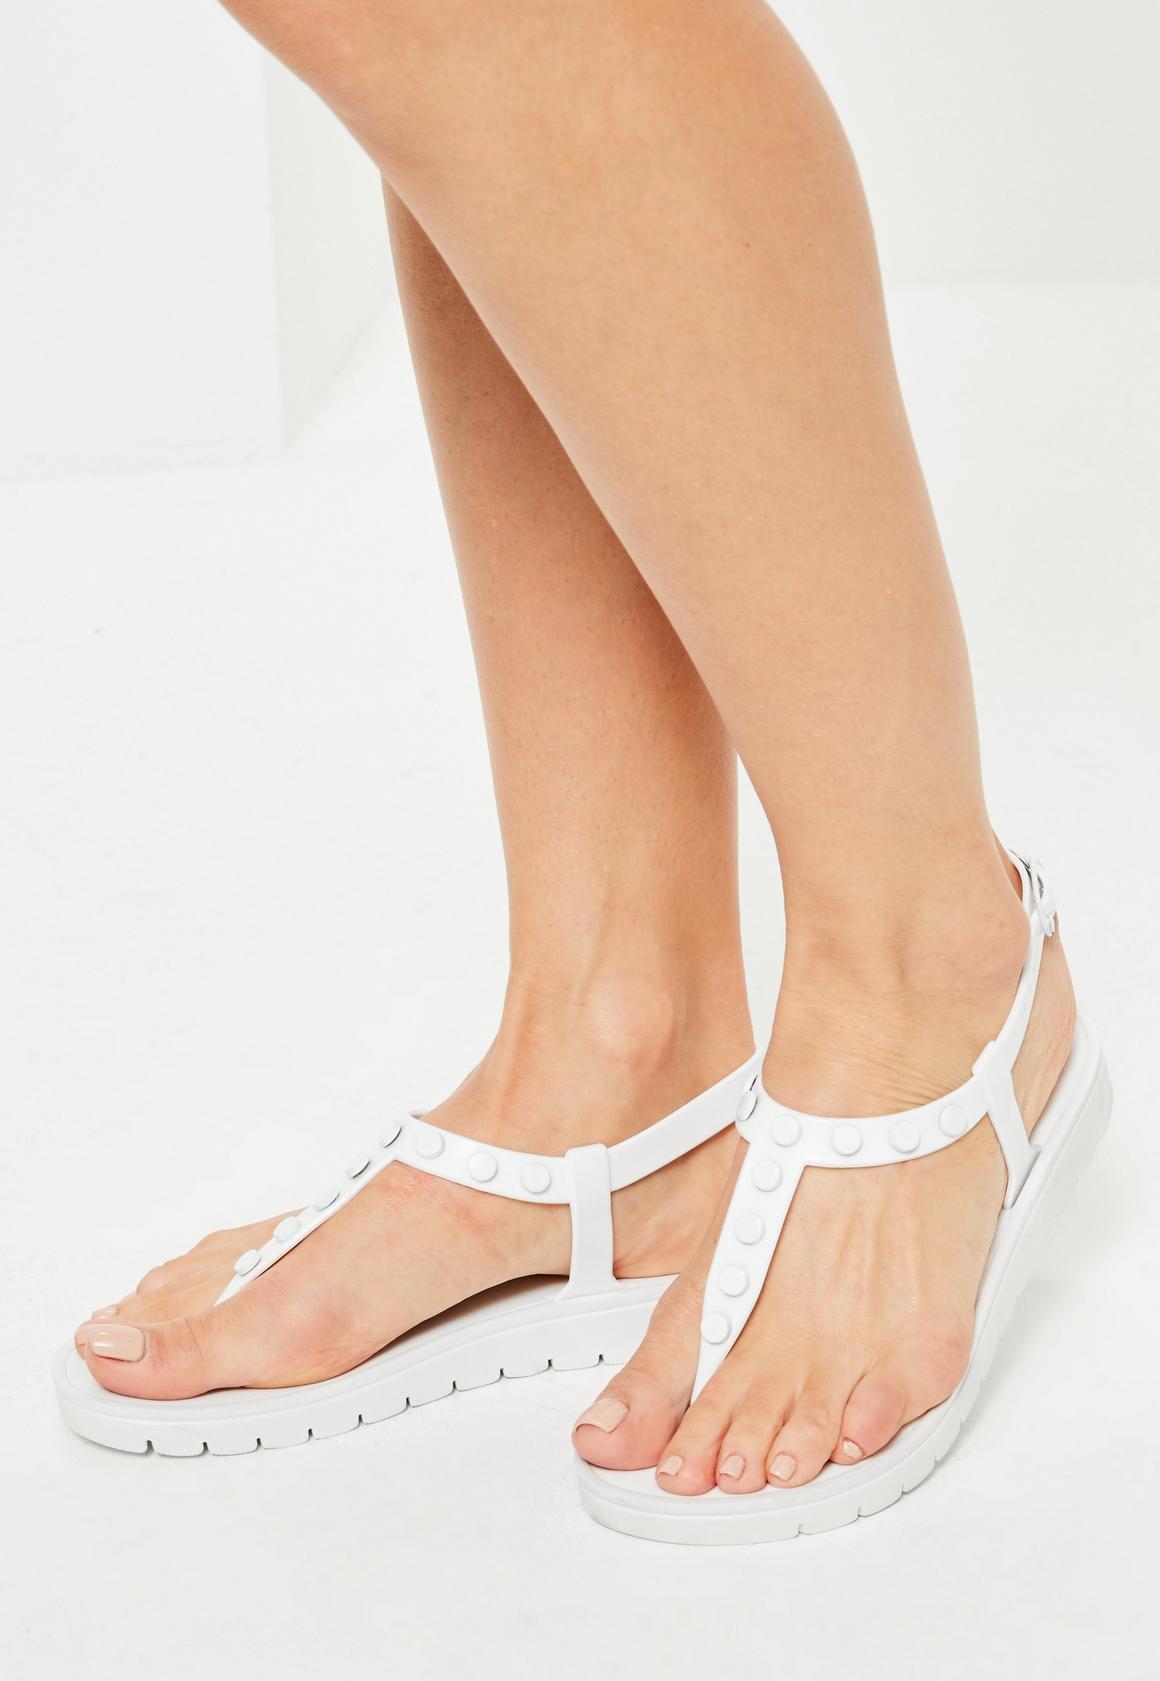 White sandals -  White Studded T Bar Sandals